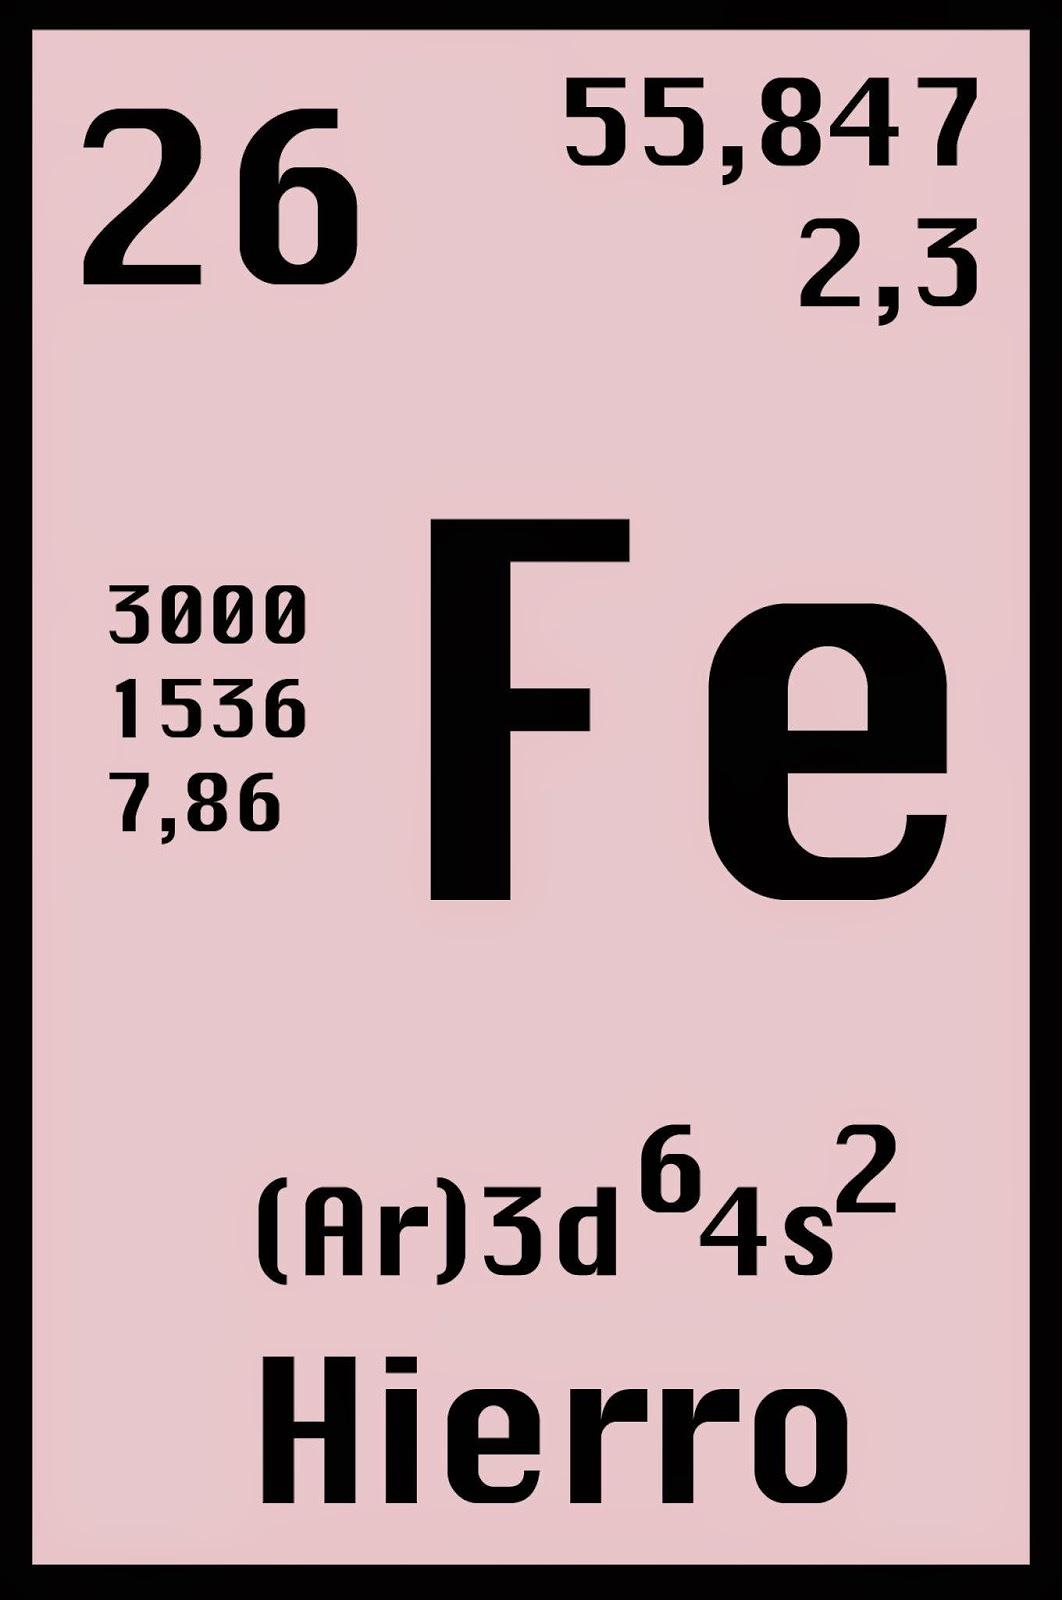 Fisicoqumica 3 secundaria elementos de la tabla peridica el hierro es el cuarto elemento ms abundante y es el metal menos costoso las aleaciones del hierro conocidas como acero contienen cantidades pequeas de urtaz Images